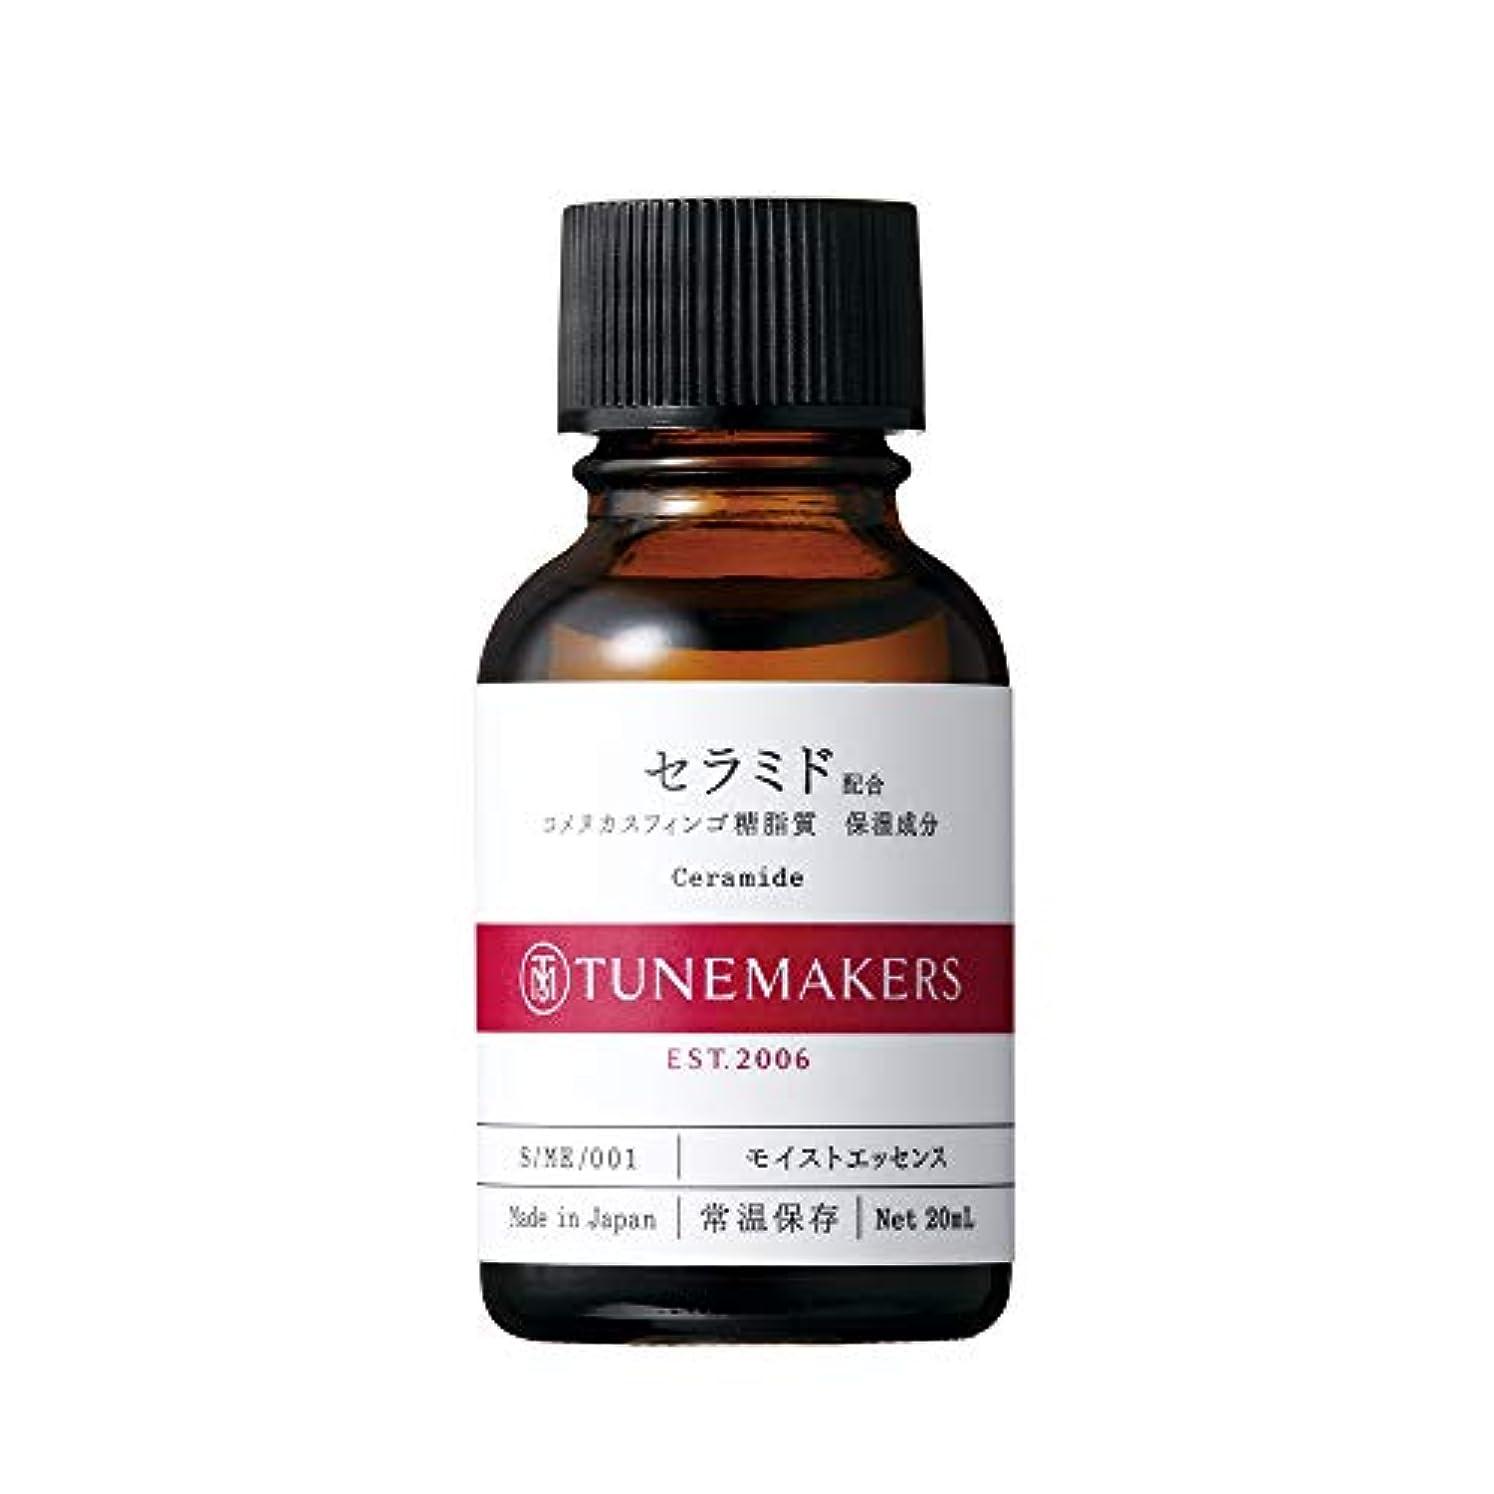 記憶意図父方のチューンメーカーズ セラミド 20ml 原液美容液 [乾燥ケア] リニューアル商品